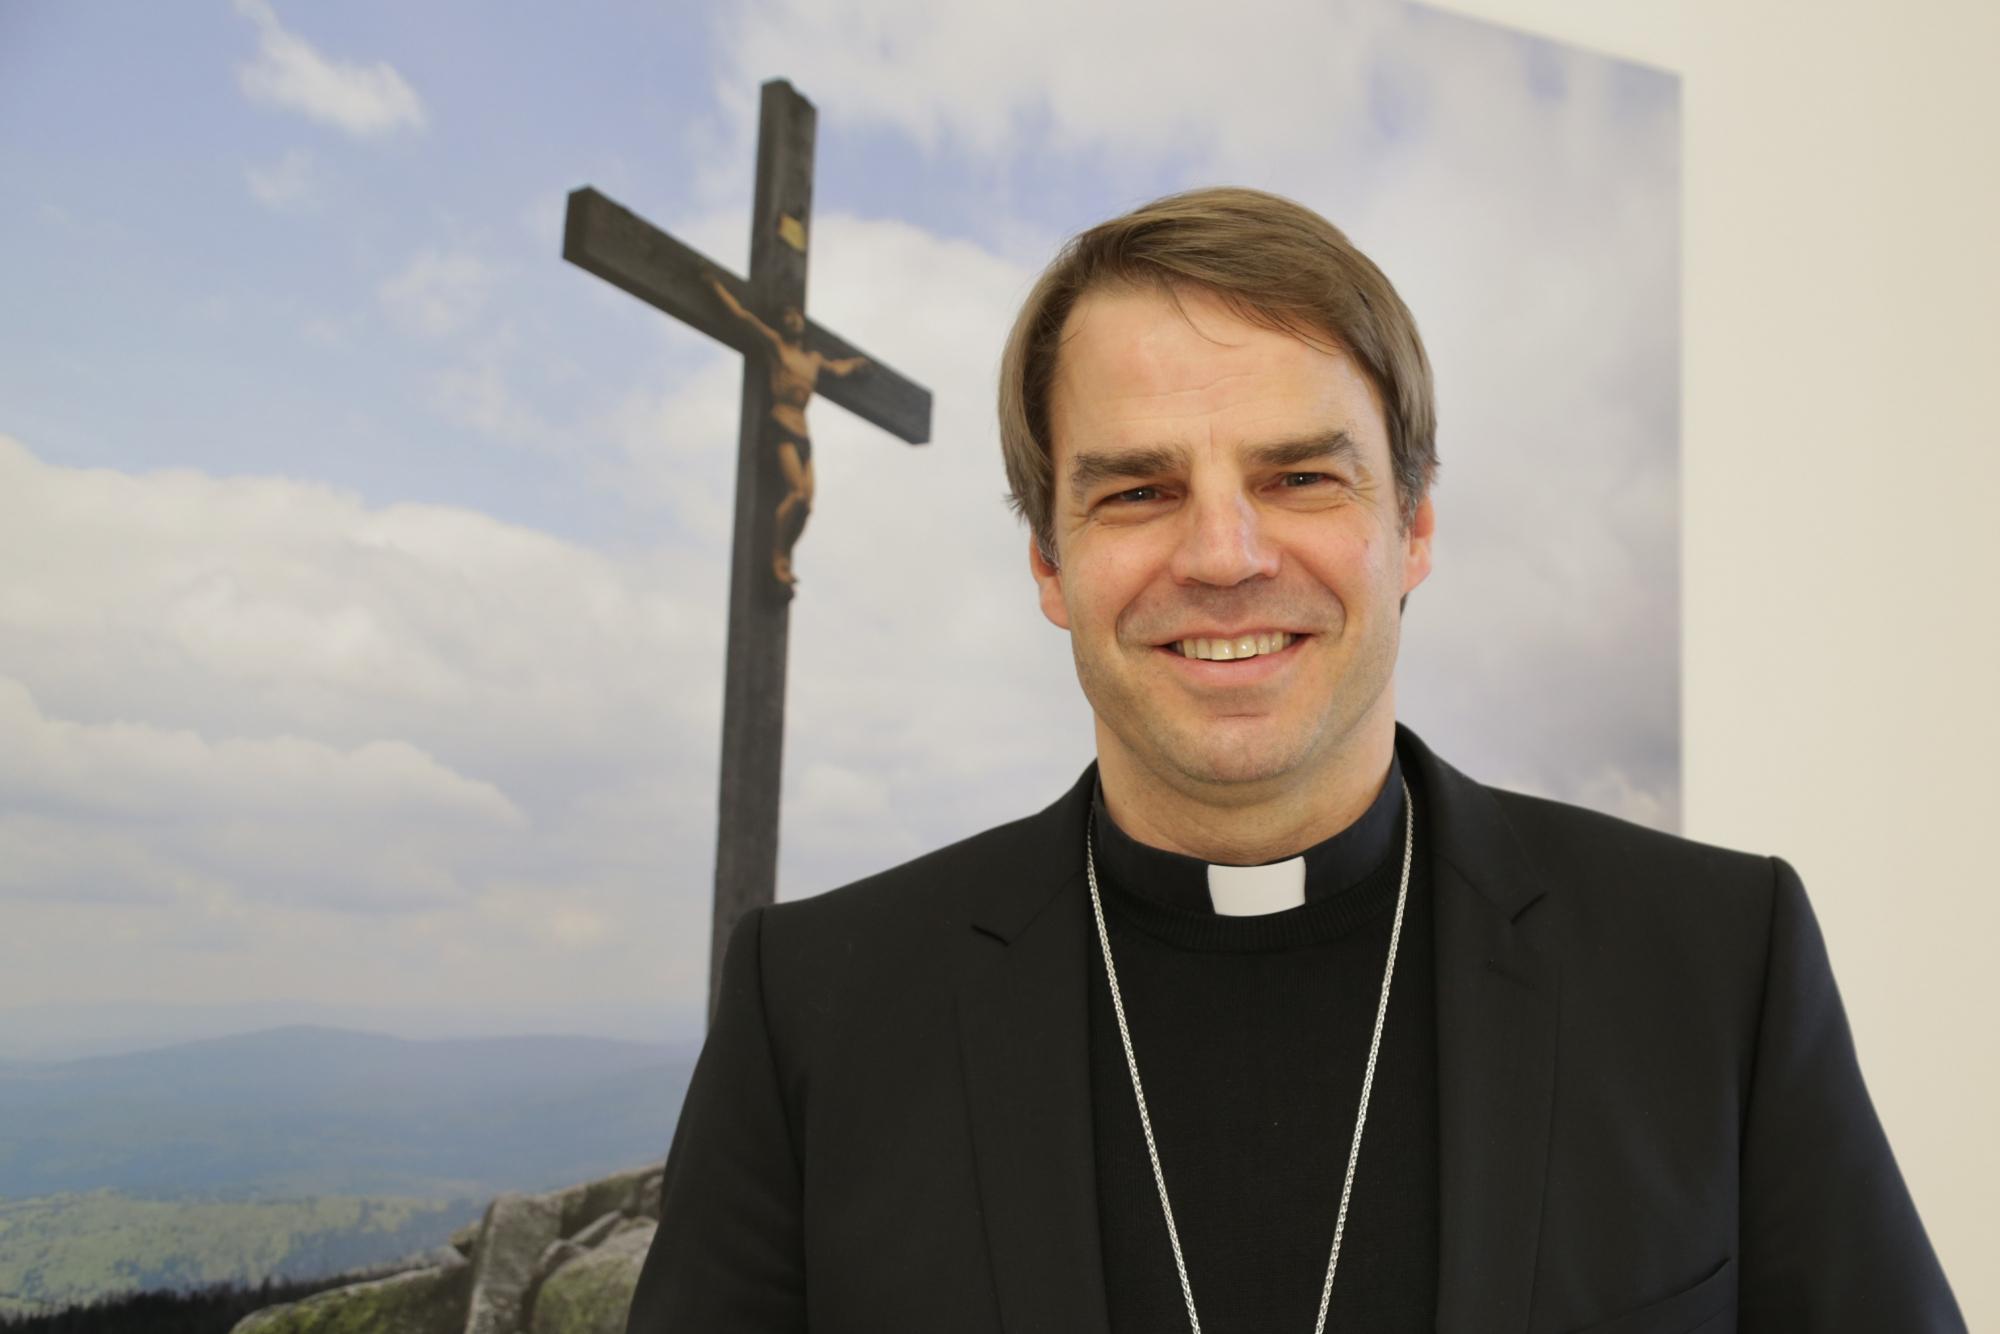 Bischof Oster